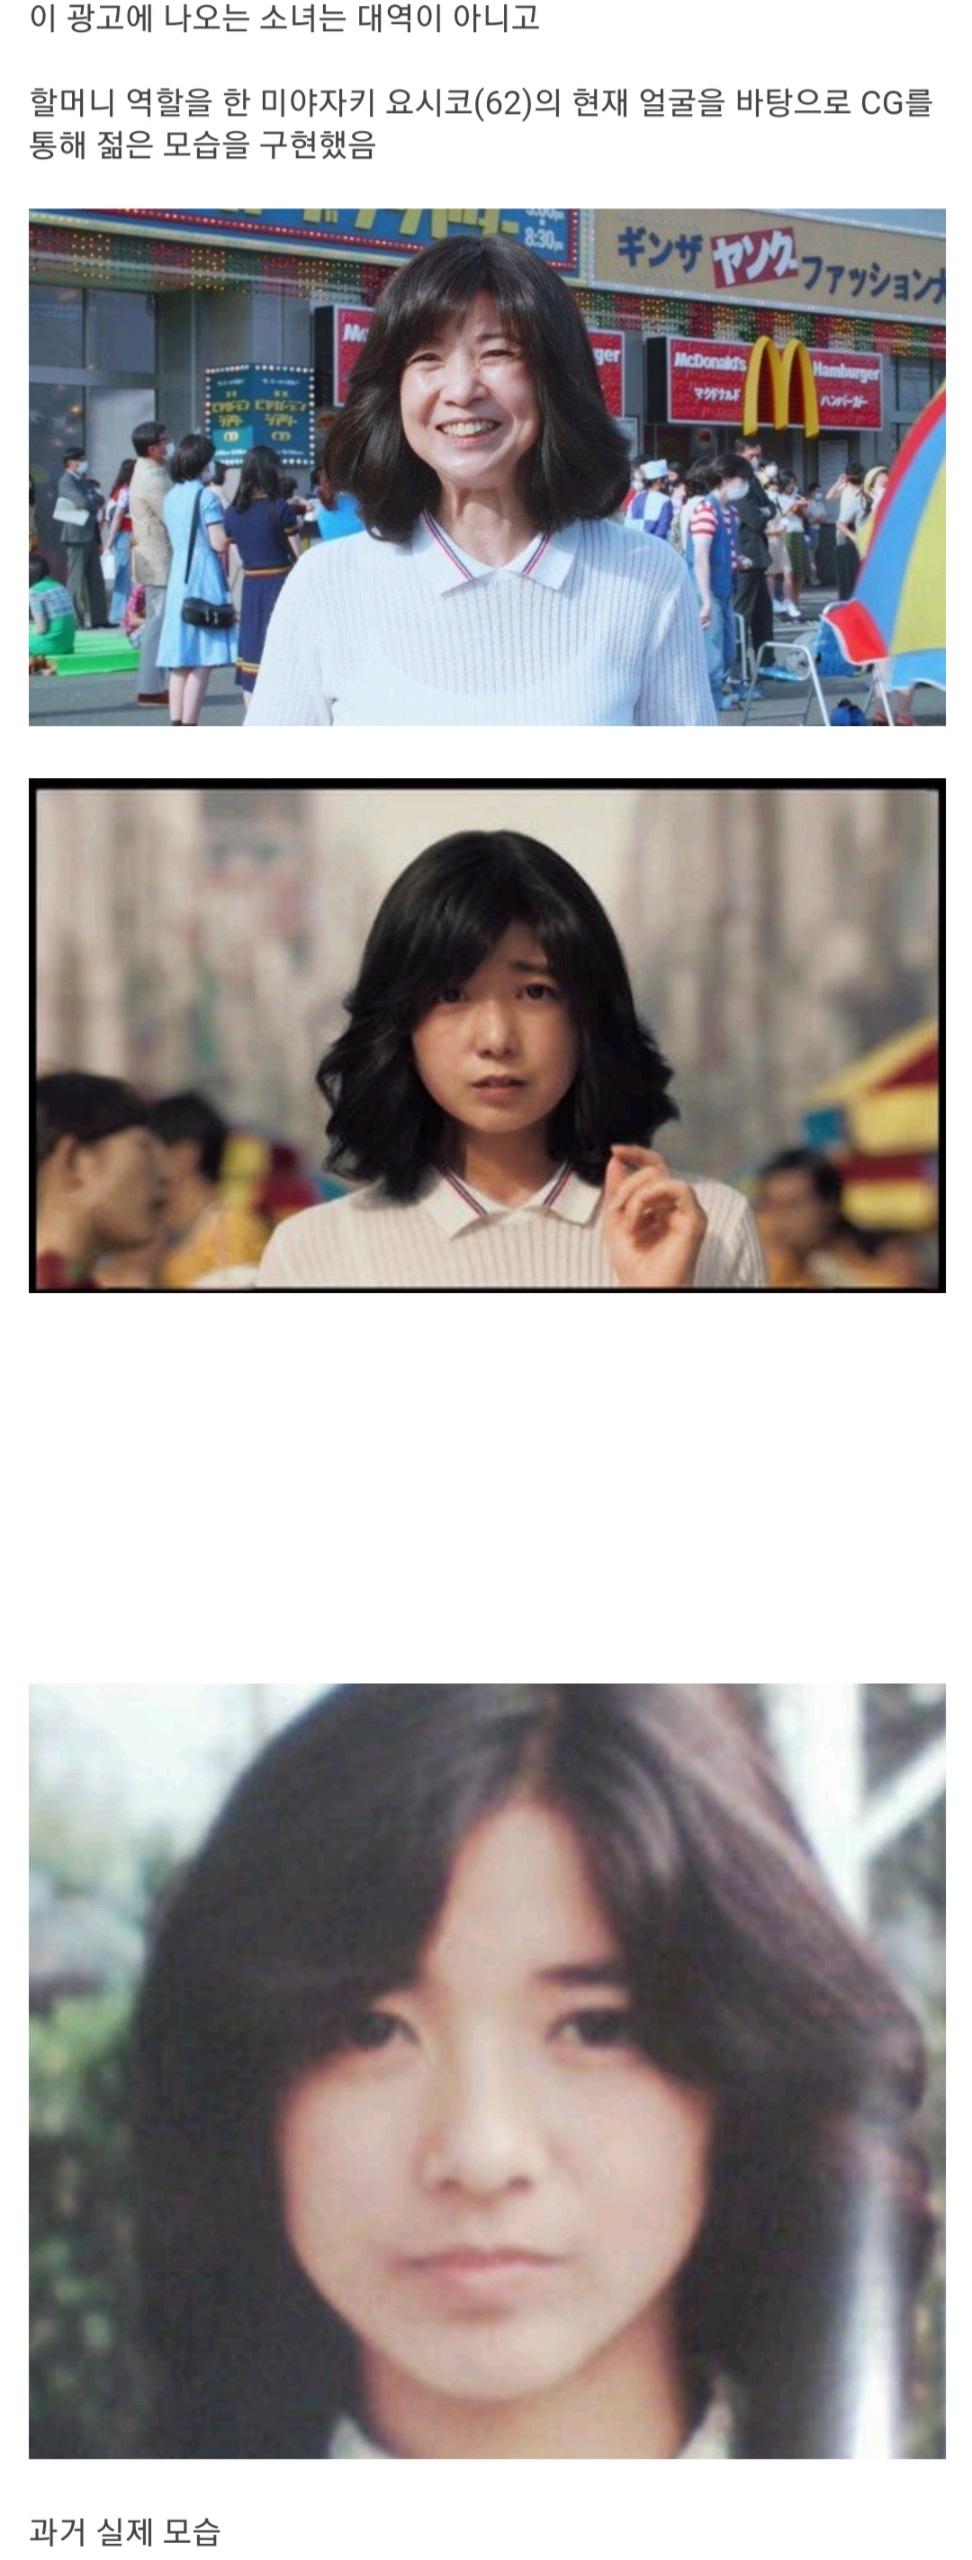 일본 맥도날드 50주년 광고 | 인스티즈